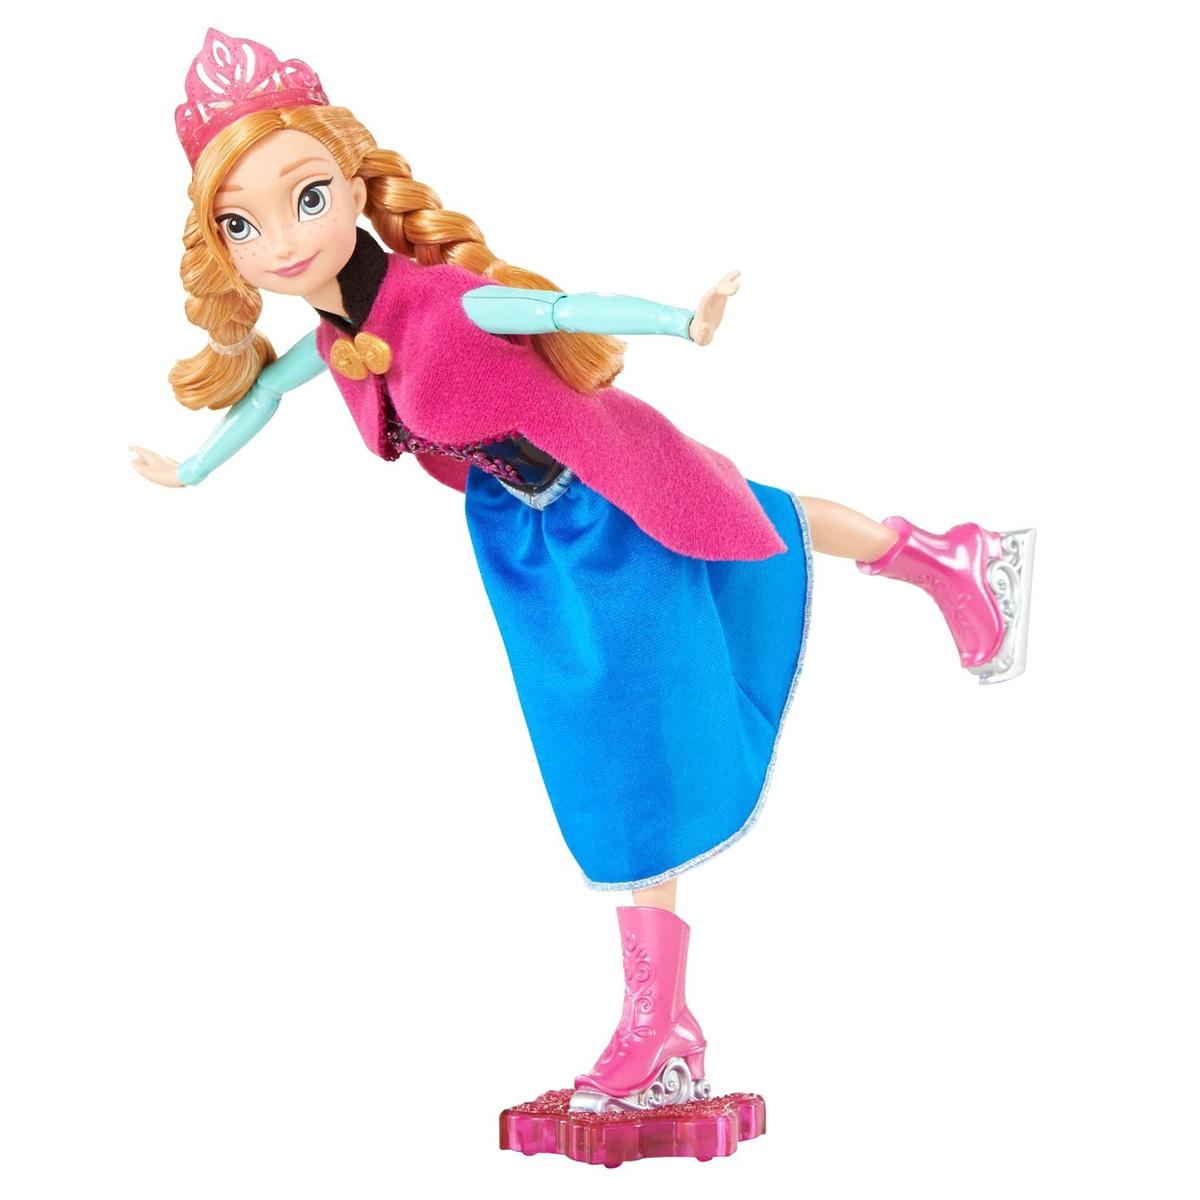 Disney Princess Кукла Холодное сердце Фигуристка Анна кукла мини анна disney princess